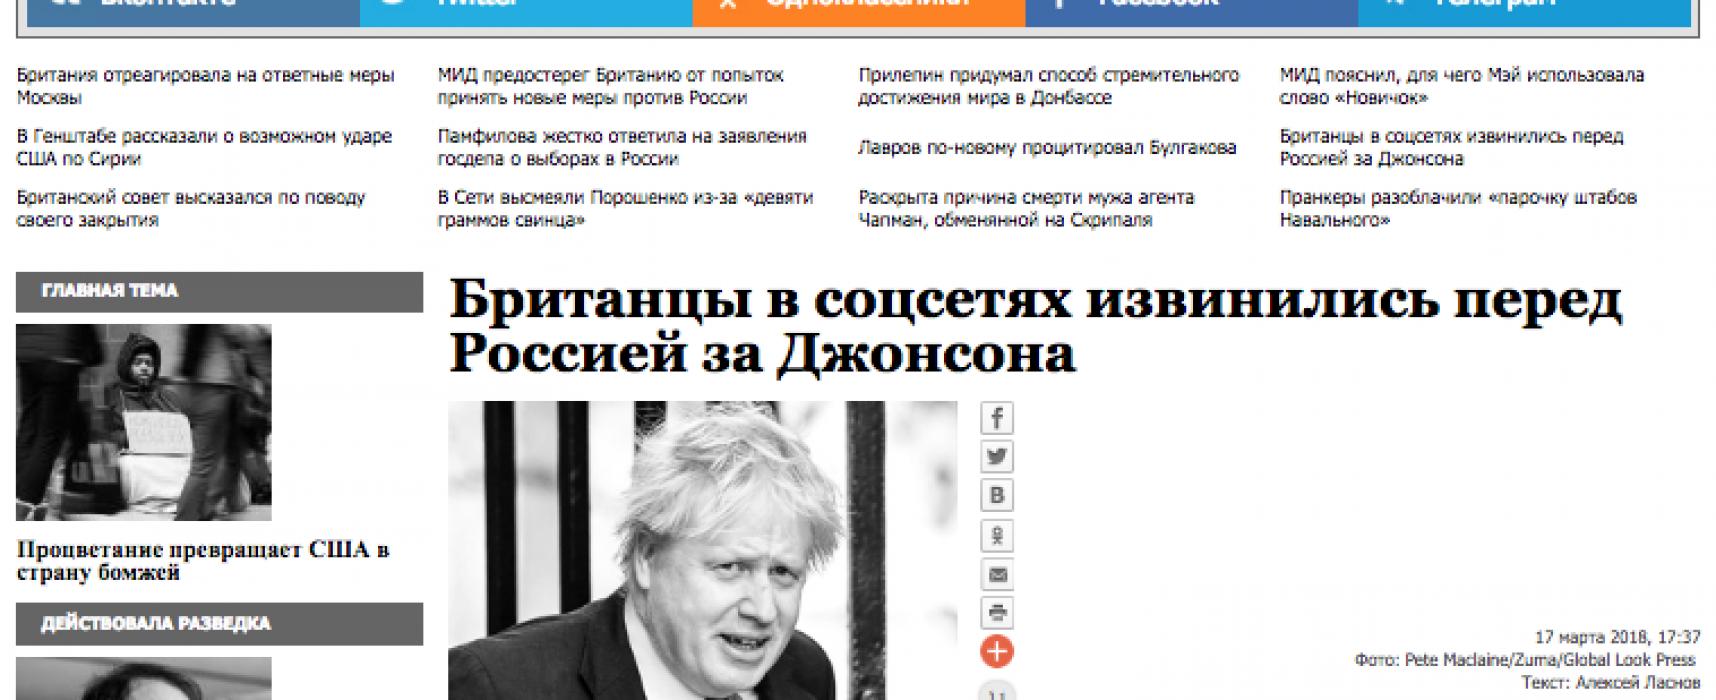 Fake: Briten entschuldigen sich bei Russland für Johnson-Statement